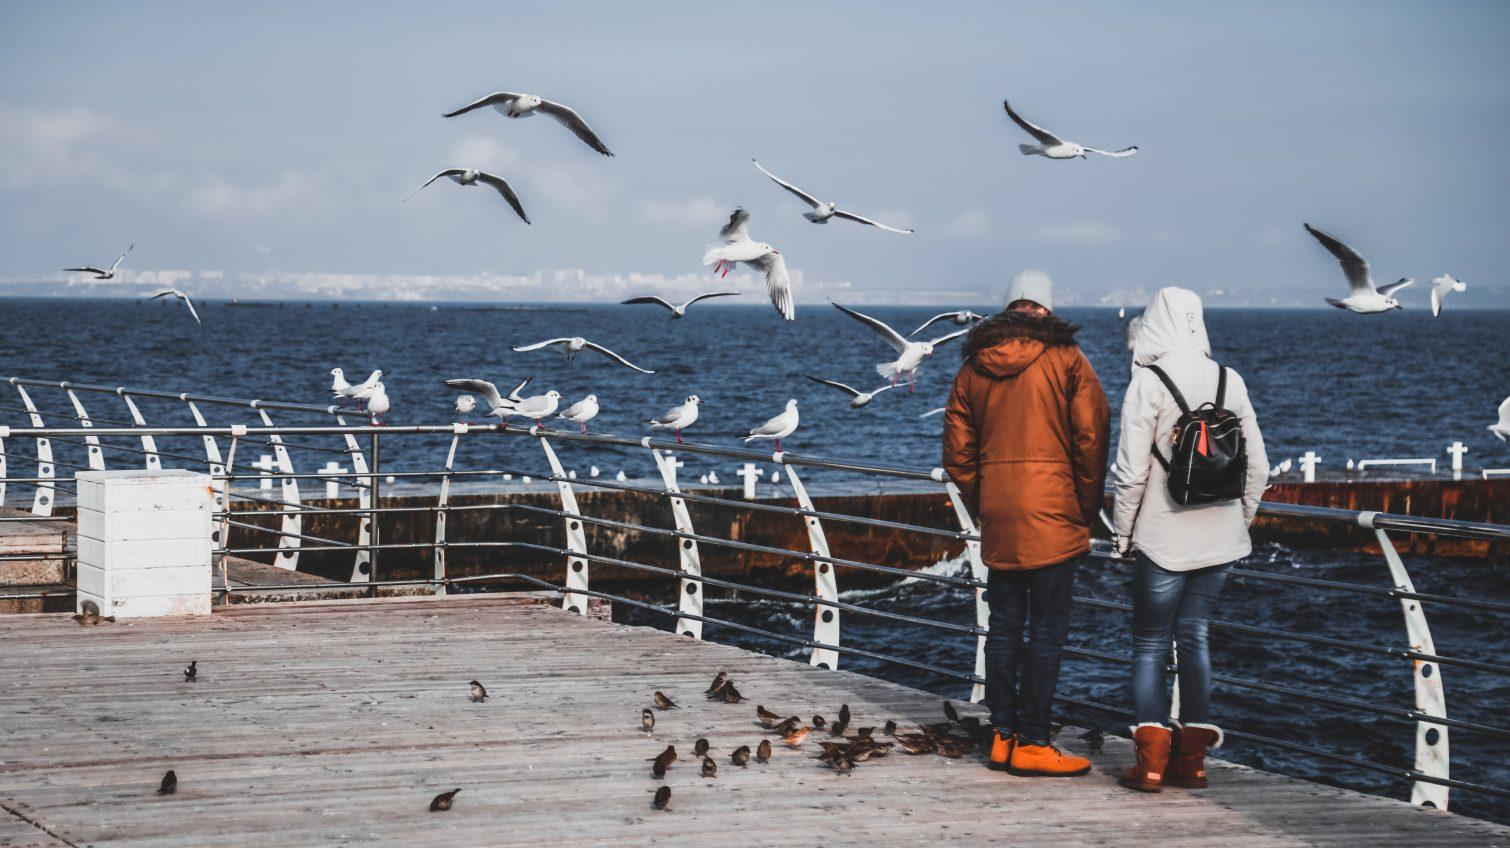 Солнце, чайки и море: одесситы наслаждаются прогулками по побережью (фоторепортаж) «фото»